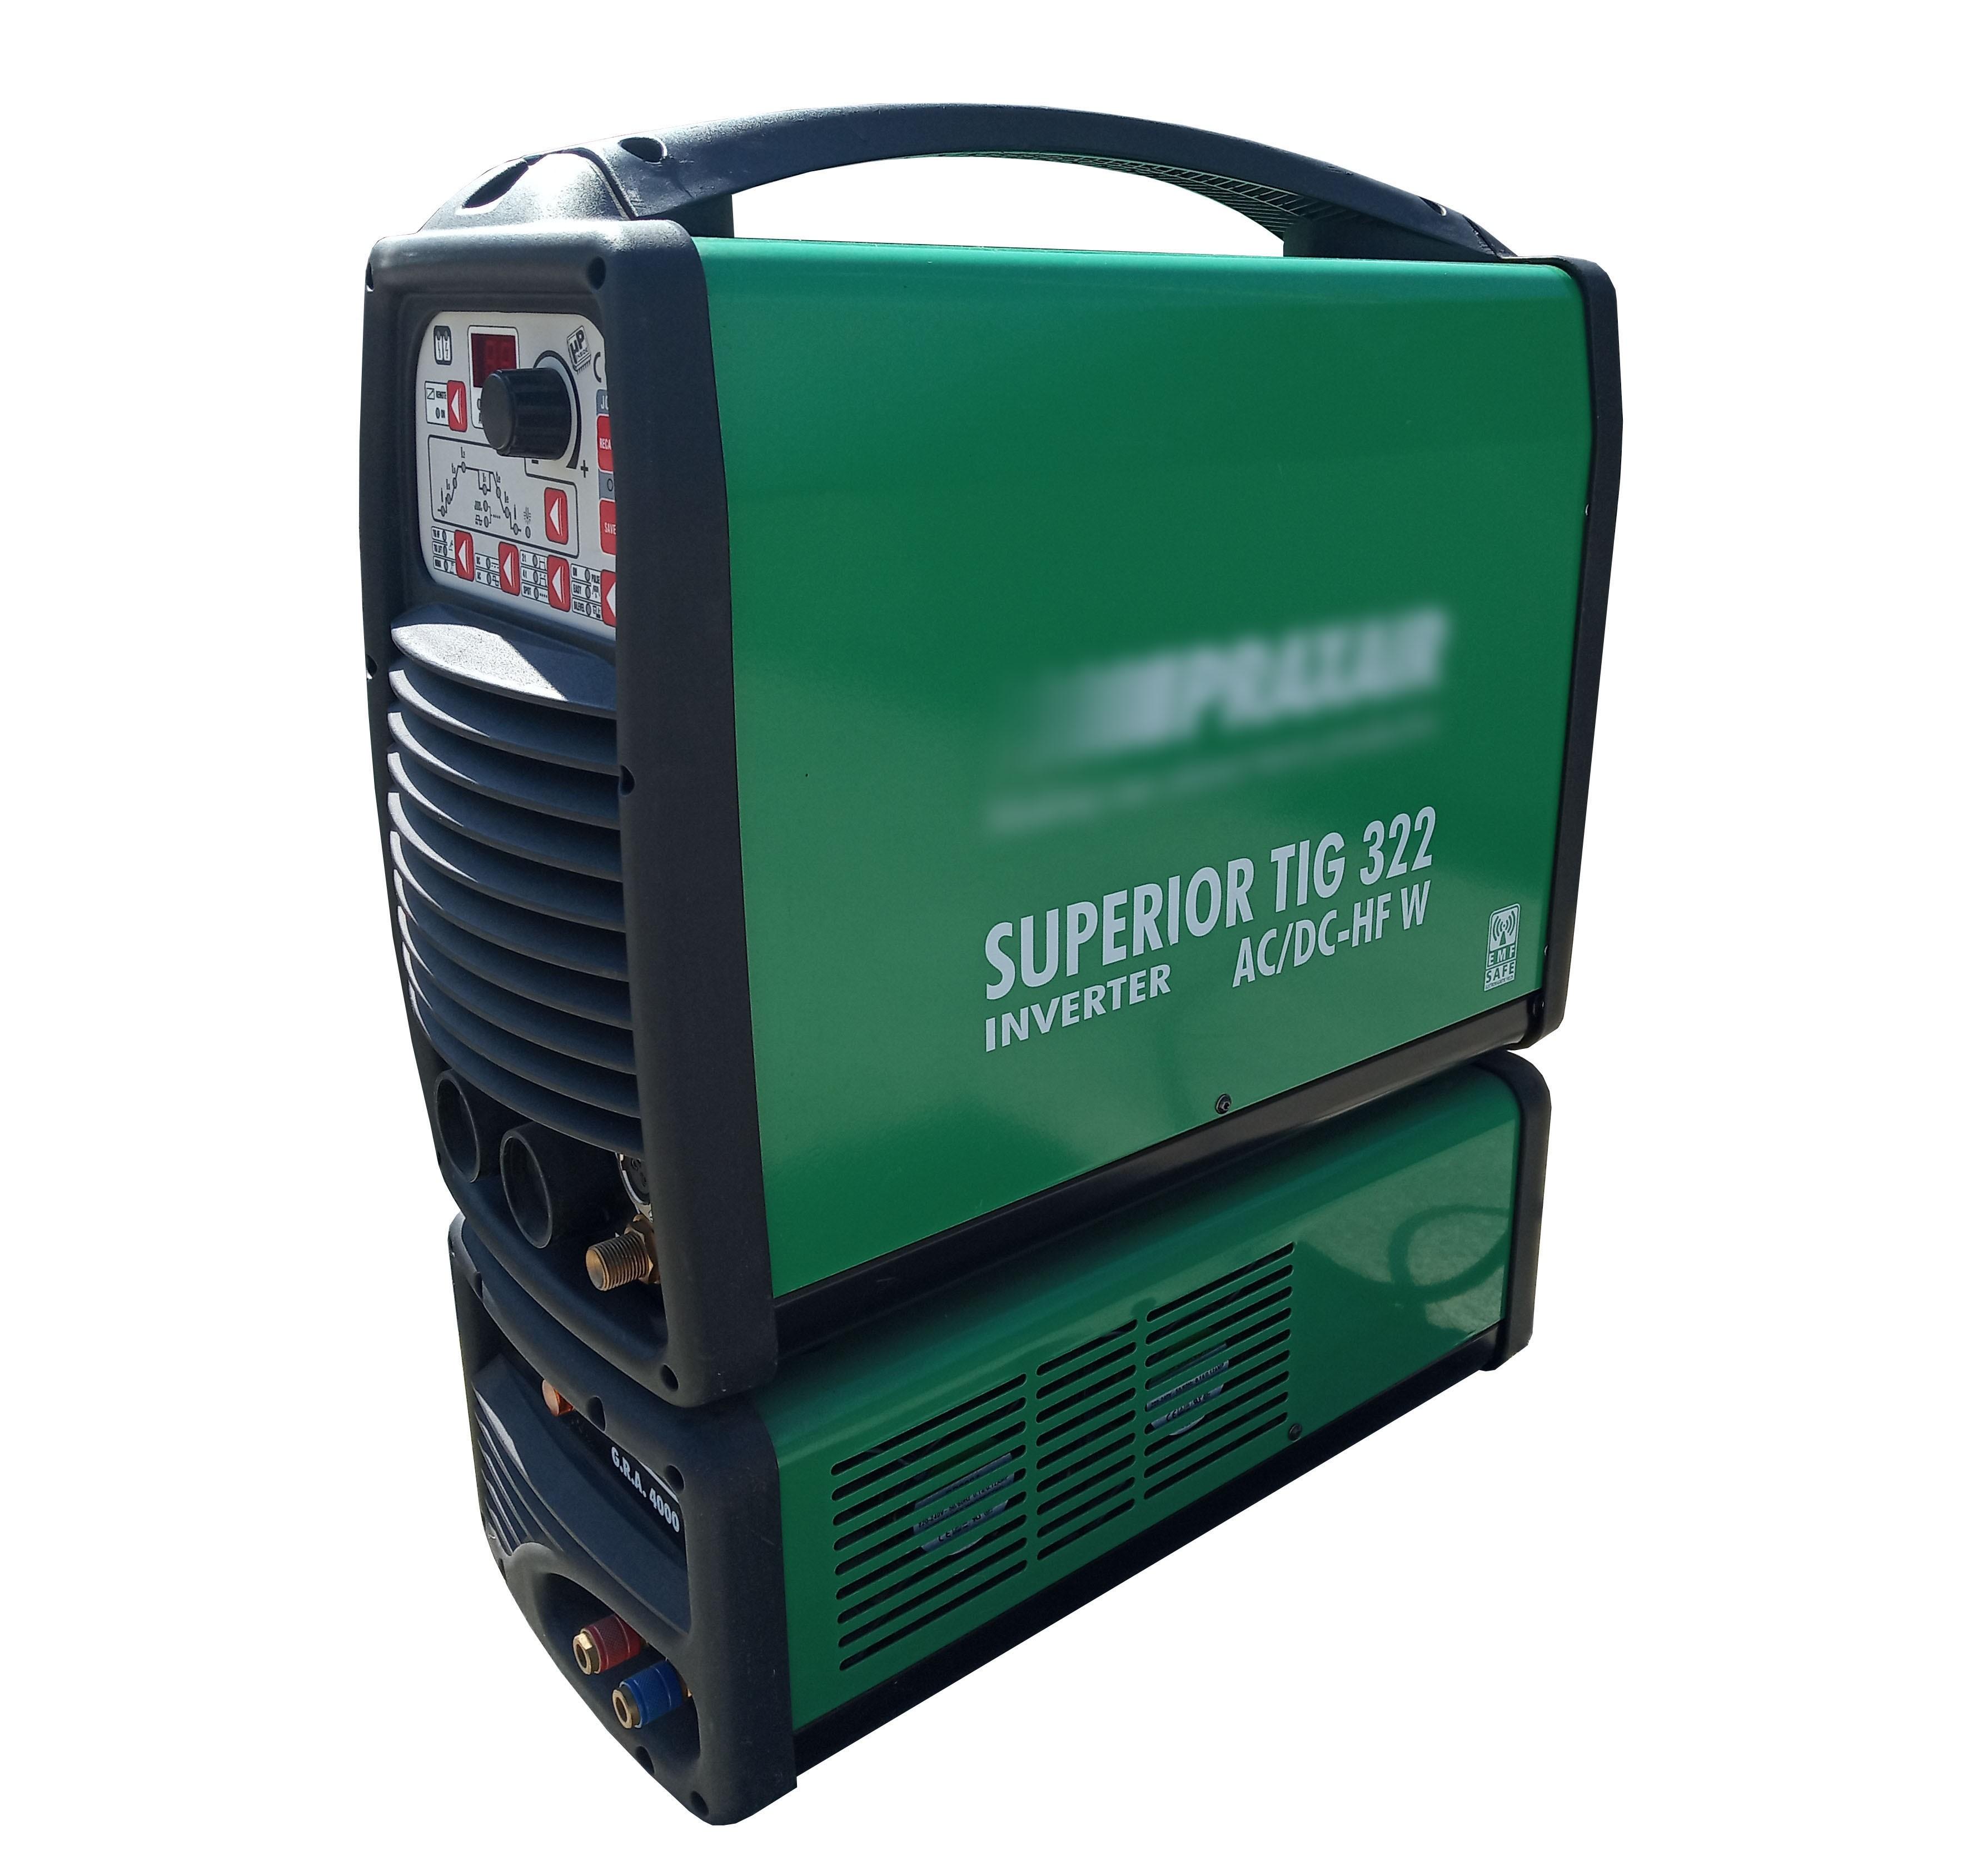 ALQUILER SUPERIOR TIG 322W ACDC 12164616